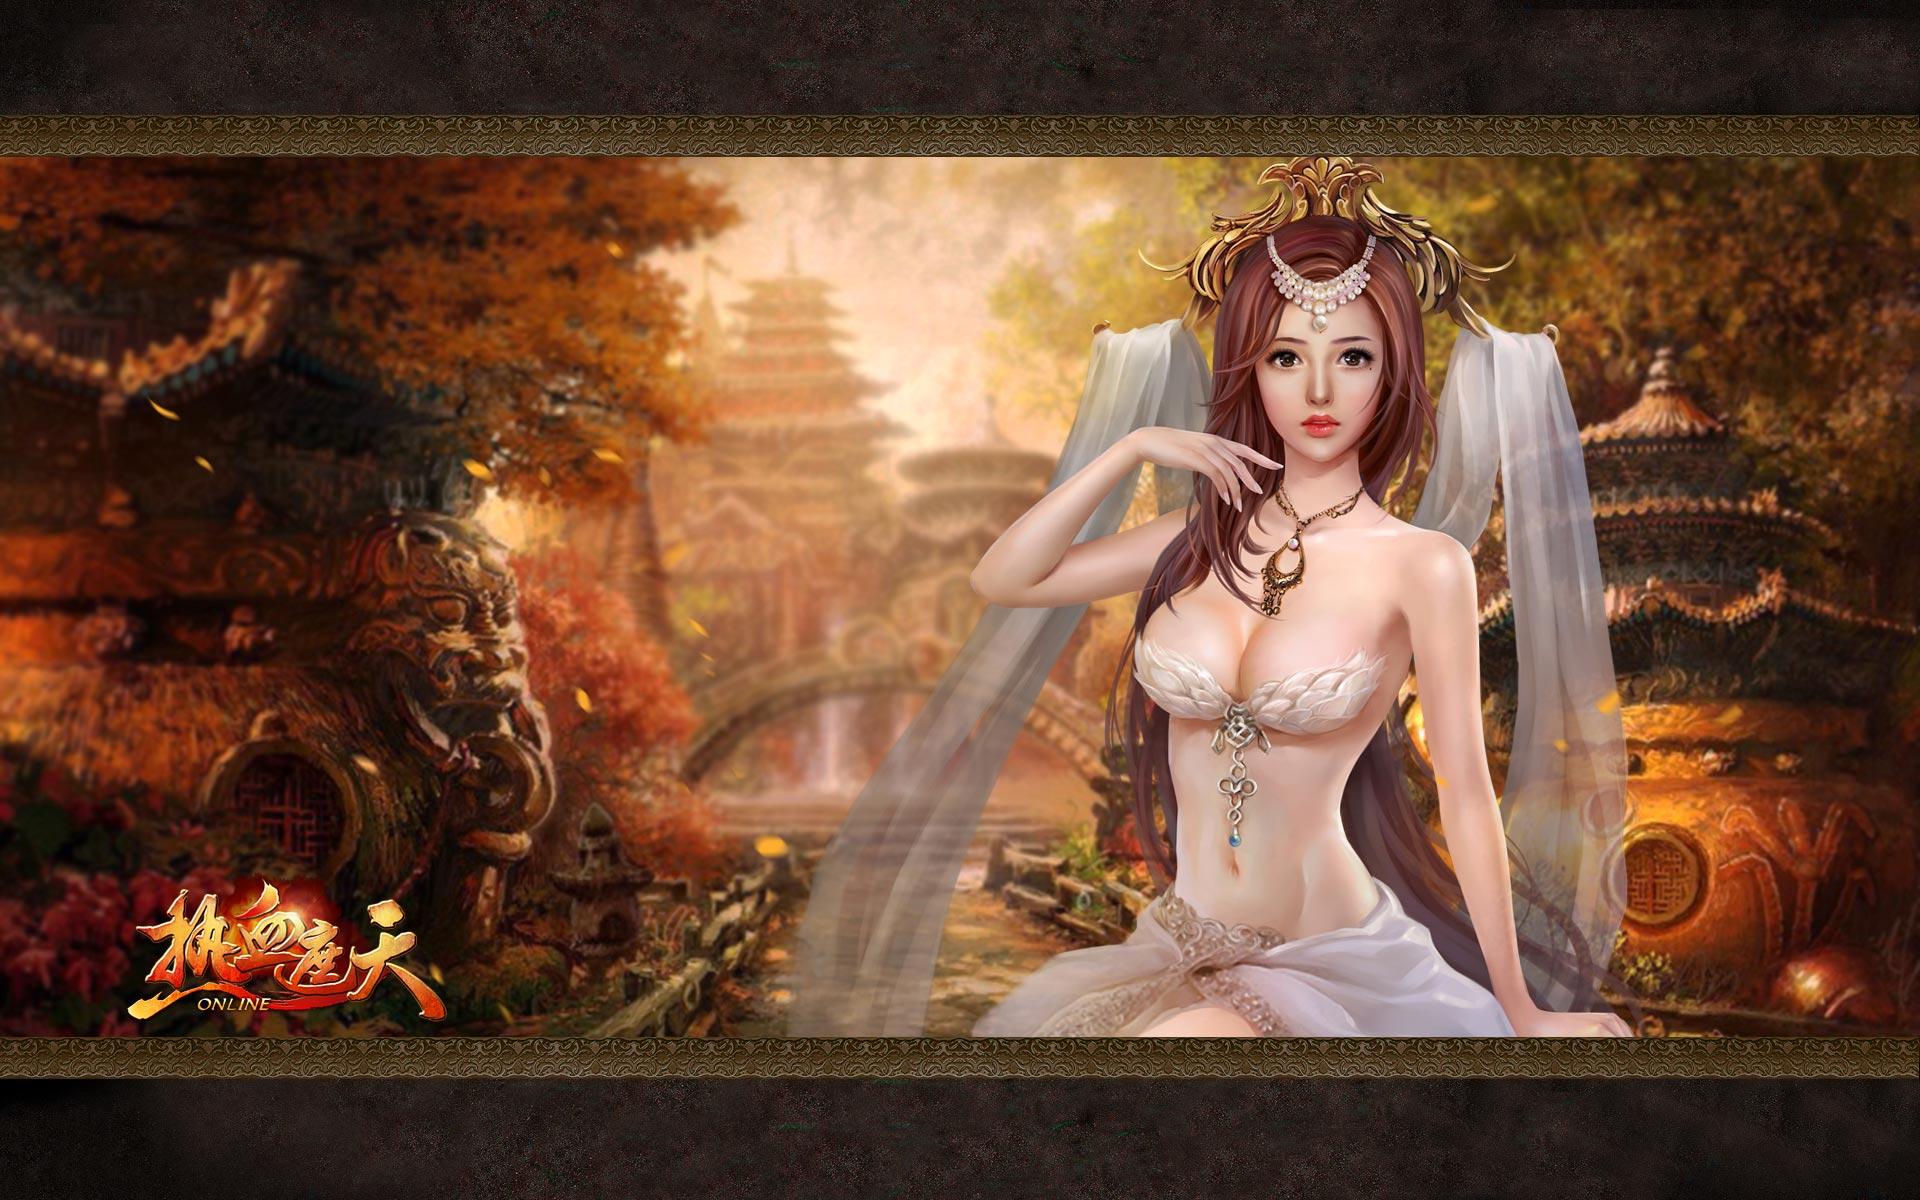 网页游戏美女壁纸_